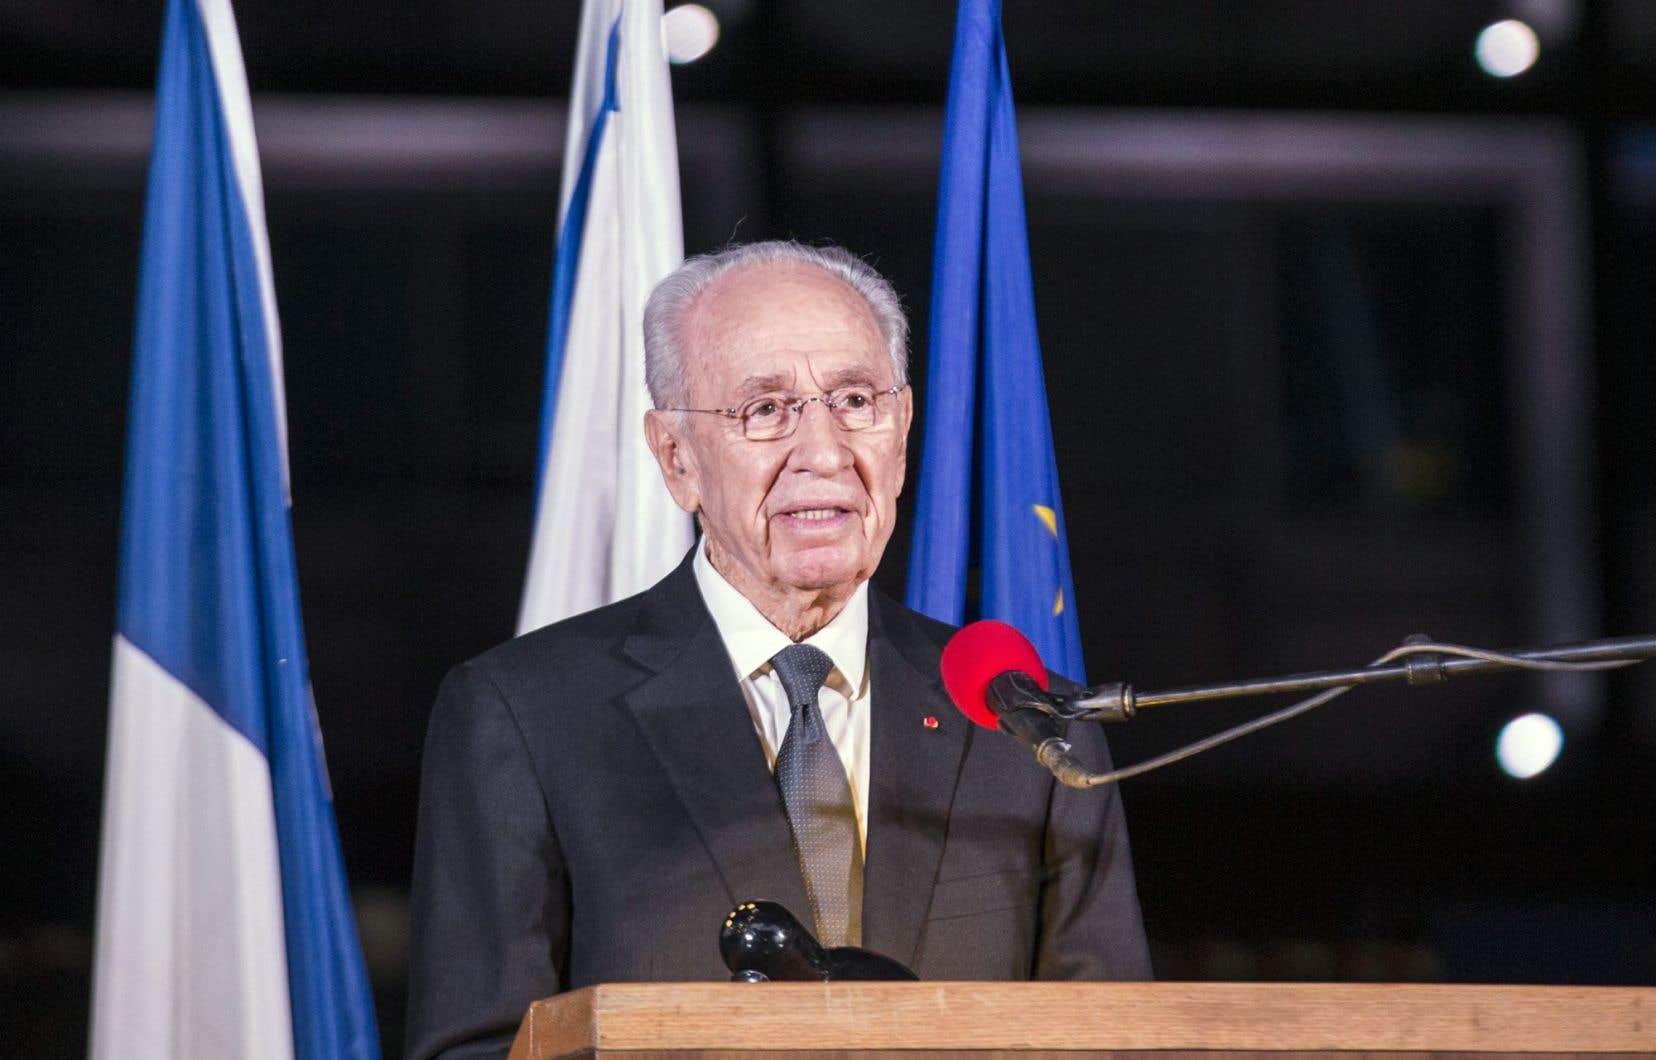 <p>Dernier homme politique issu de la génération des pères fondateurs d'Israël à être en vie, Shimon Peres, ministre au sein de nombreux gouvernements, a assumé à plusieurs reprises la fonction de premier ministre, puis celle de président de l'État d'Israël de2007 à2014.</p>